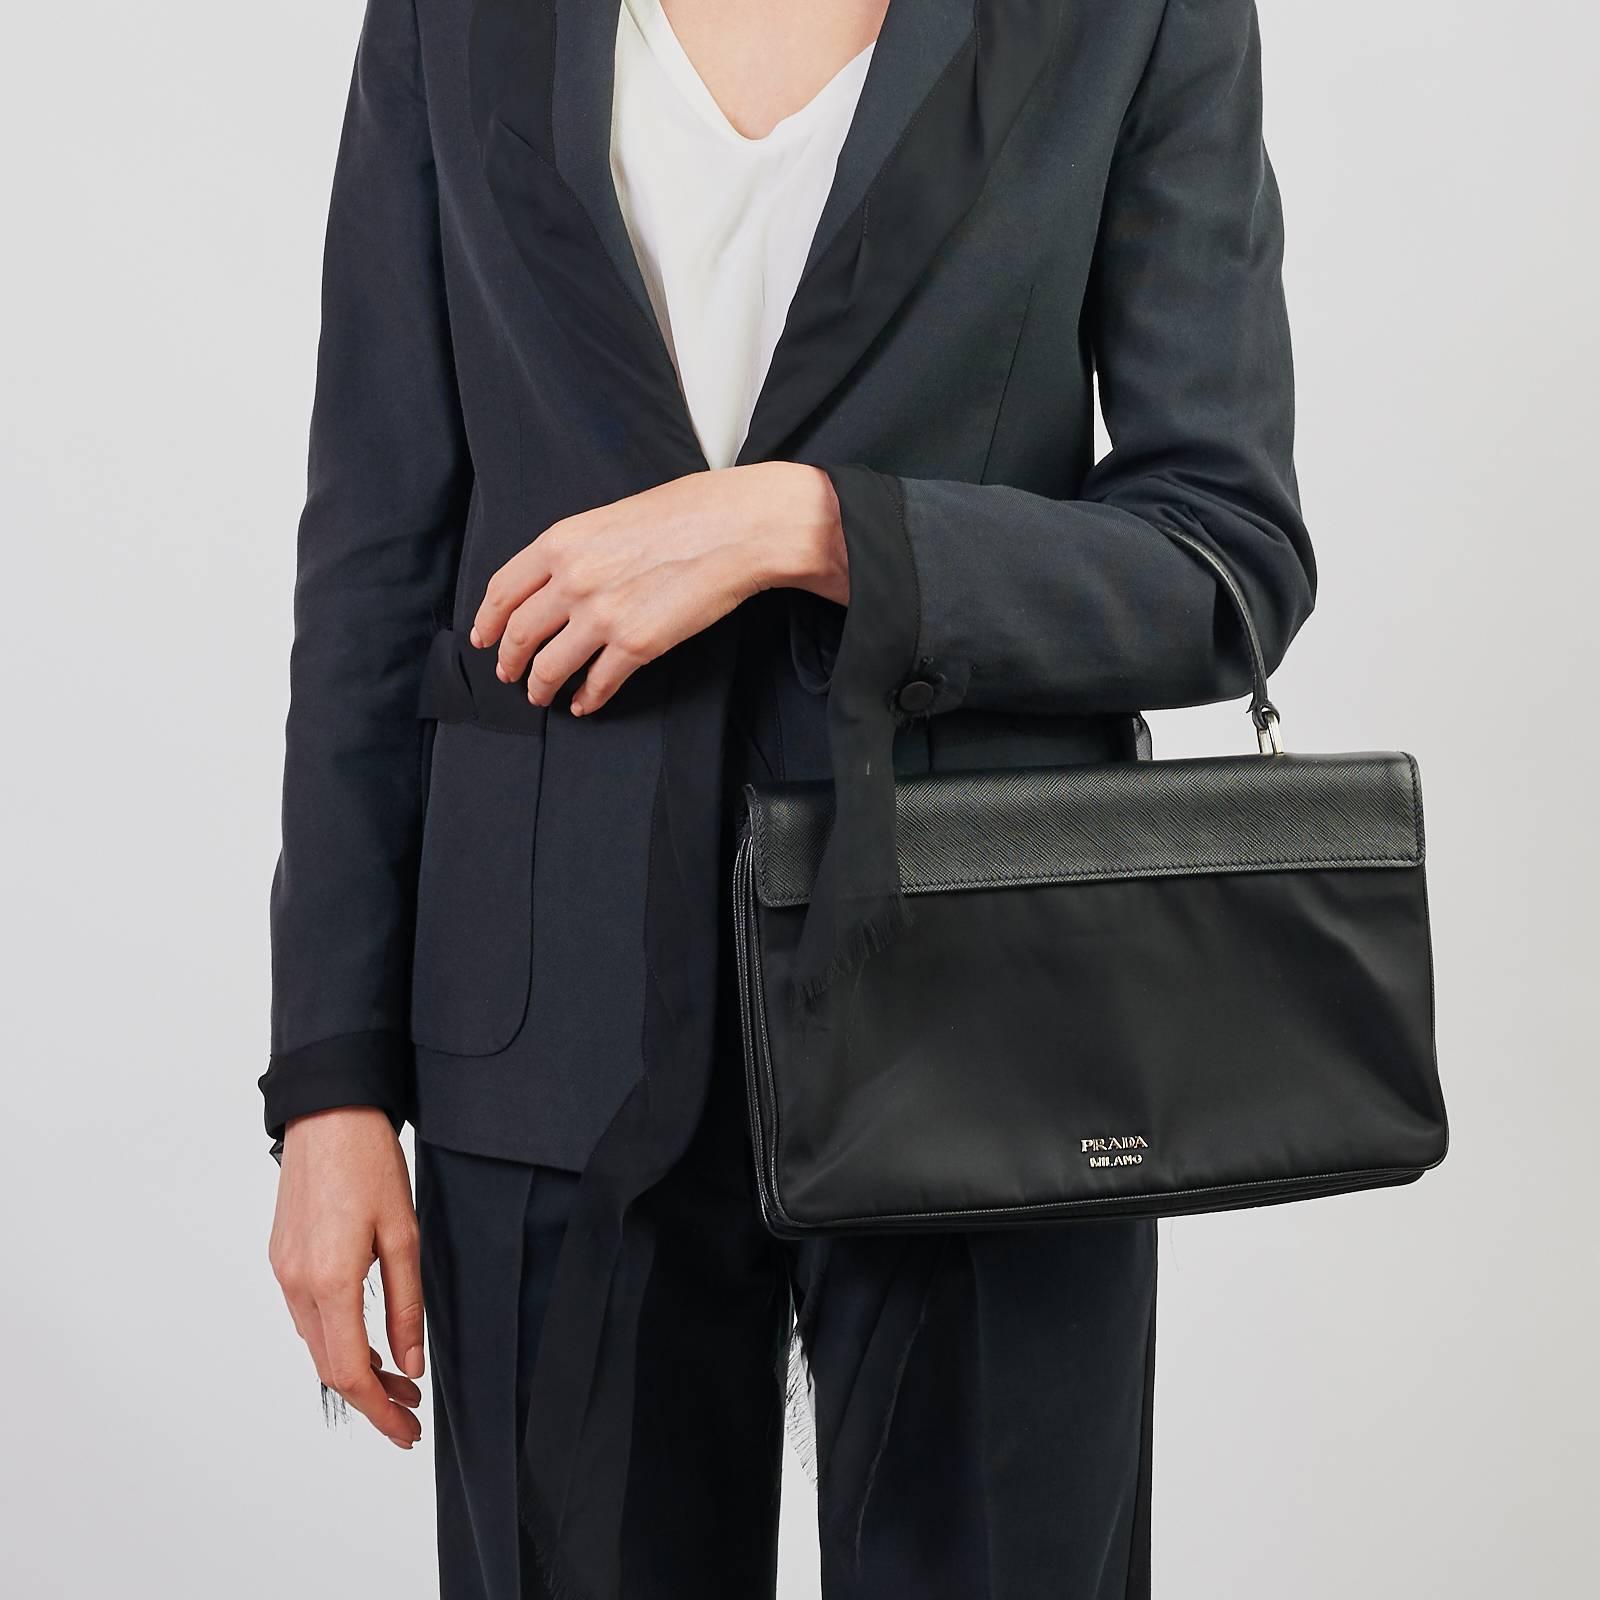 Купить сумку Prada в Москве с доставкой по цене 21560 рублей   Second Friend Store